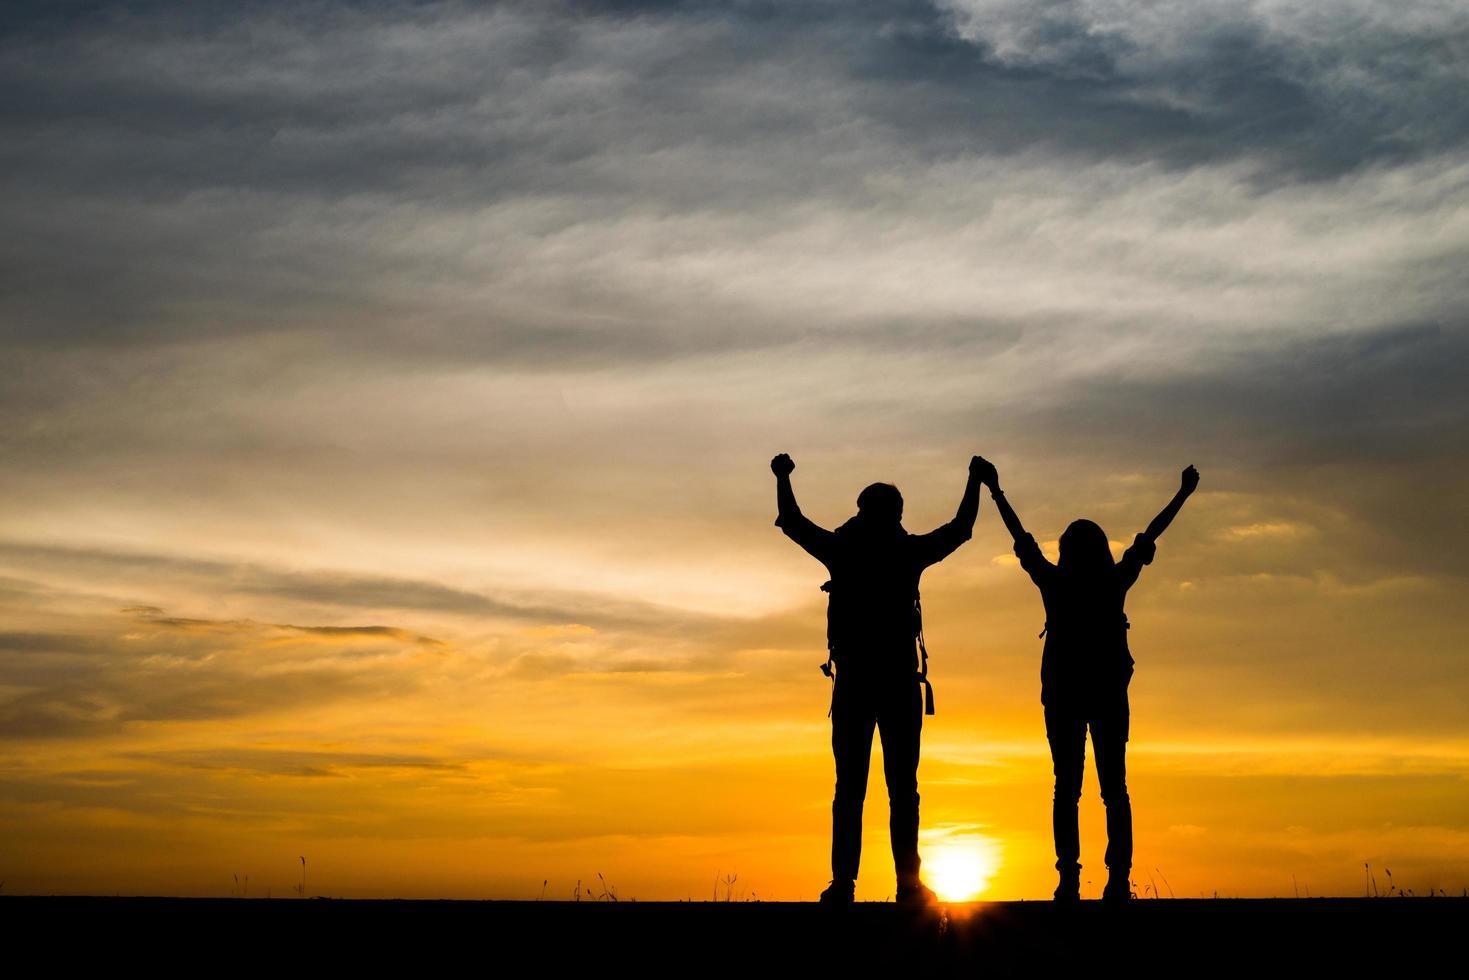 siluetas de dos excursionistas con mochilas disfrutando de la puesta de sol foto